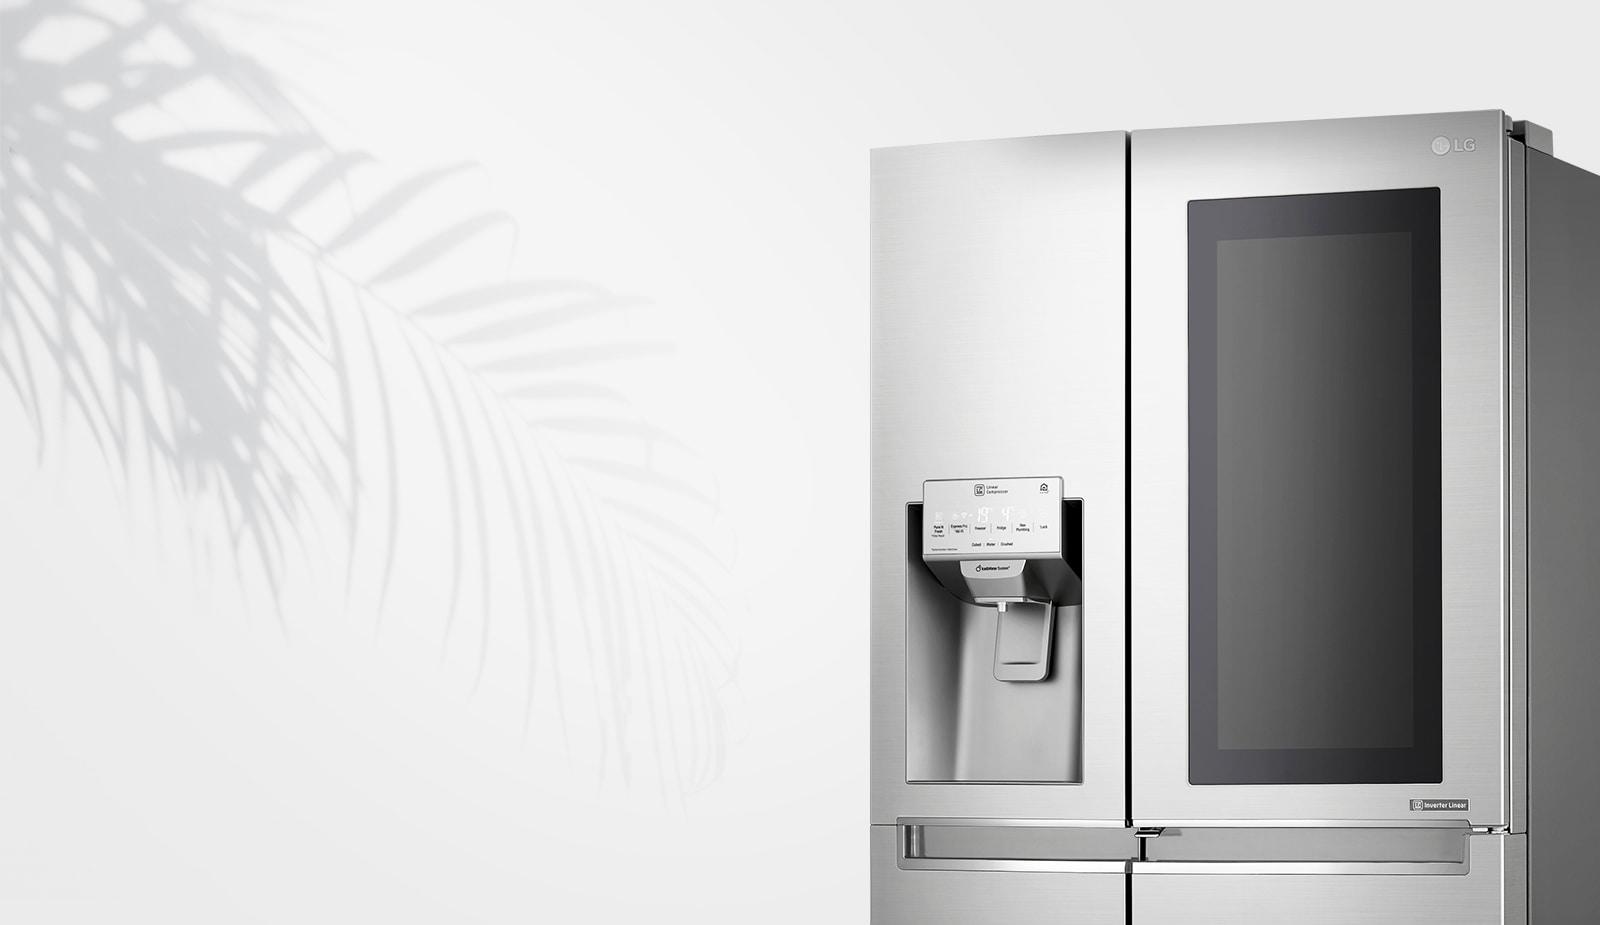 InstaView™ Door-in-Door™/nl/images/RF/features/REF-P-Veyron6-Refresh-InstaView-NobleSteel-Non-Plumbing-02-1-InstaView-220819-D.jpg